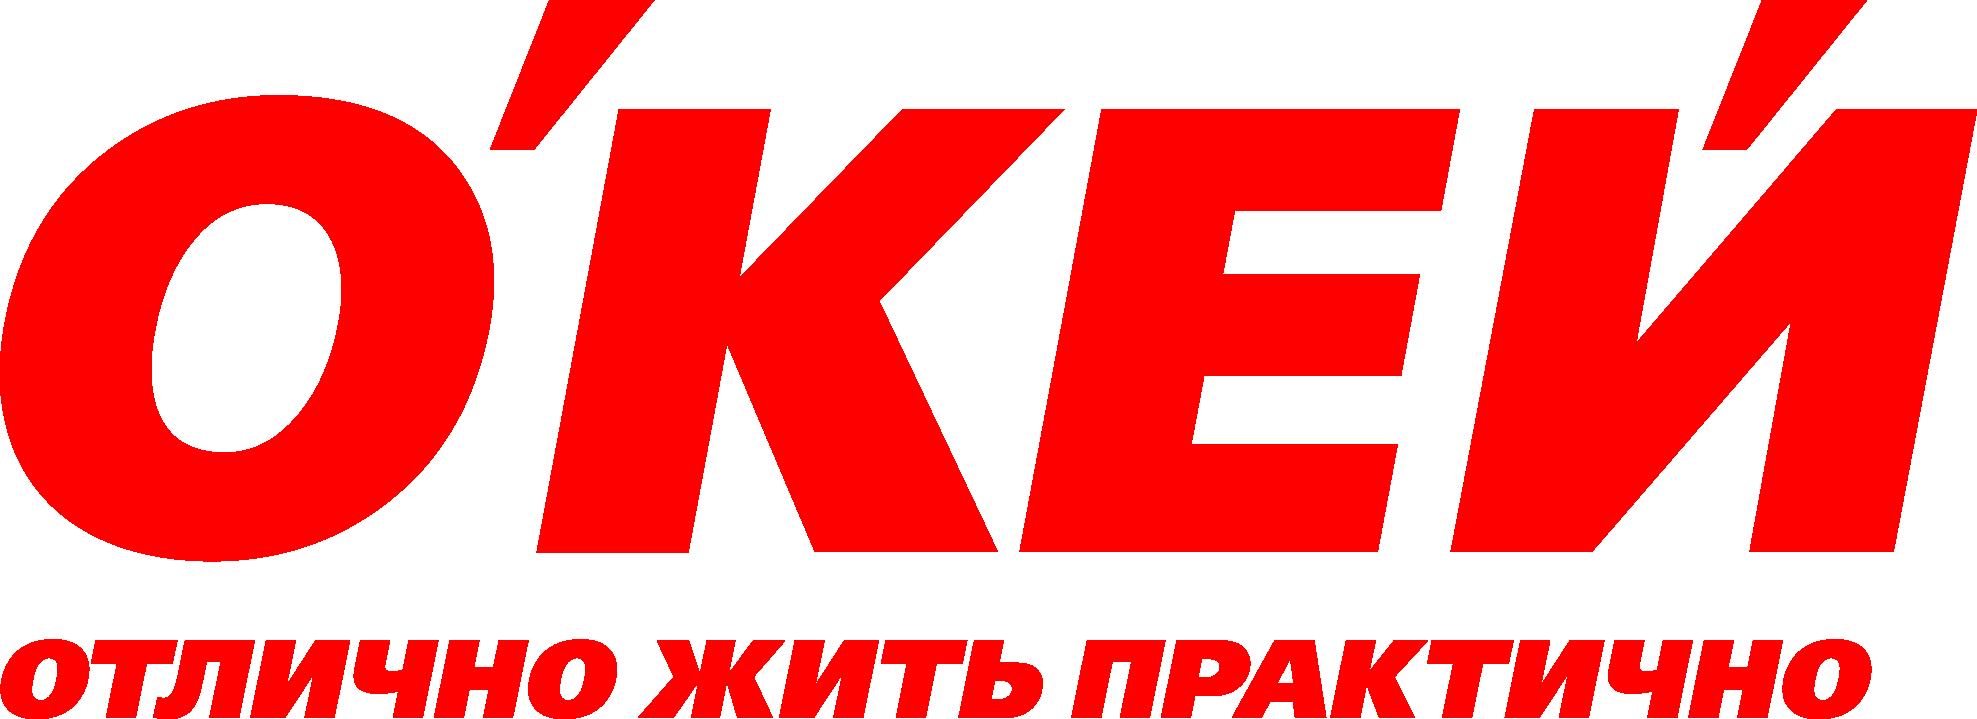 О'кей в ТЦ Электра СПБ